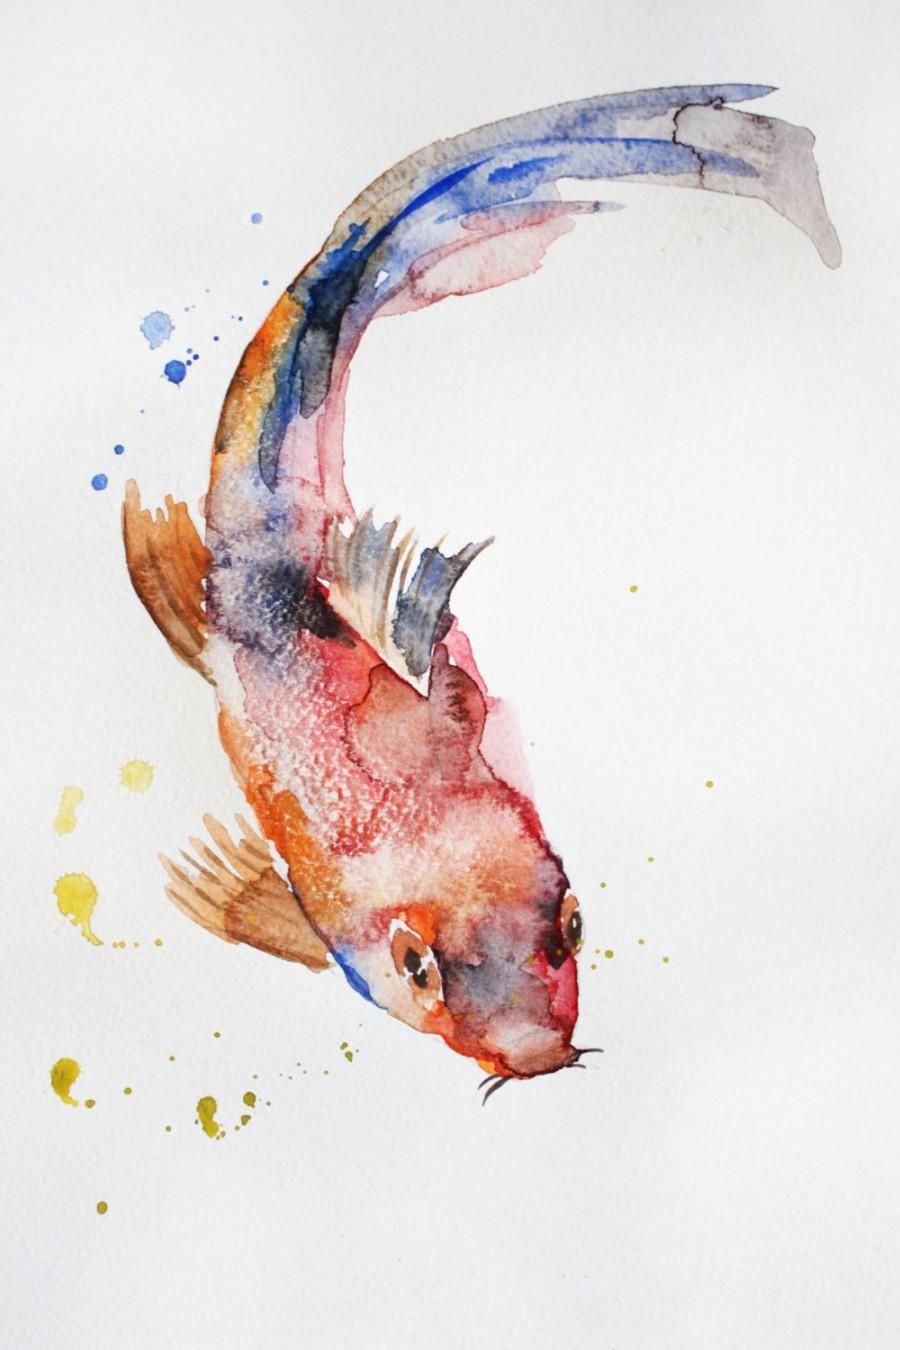 900x1350 Watercolor Fish Paintings Watercolor Fish Paintings Original